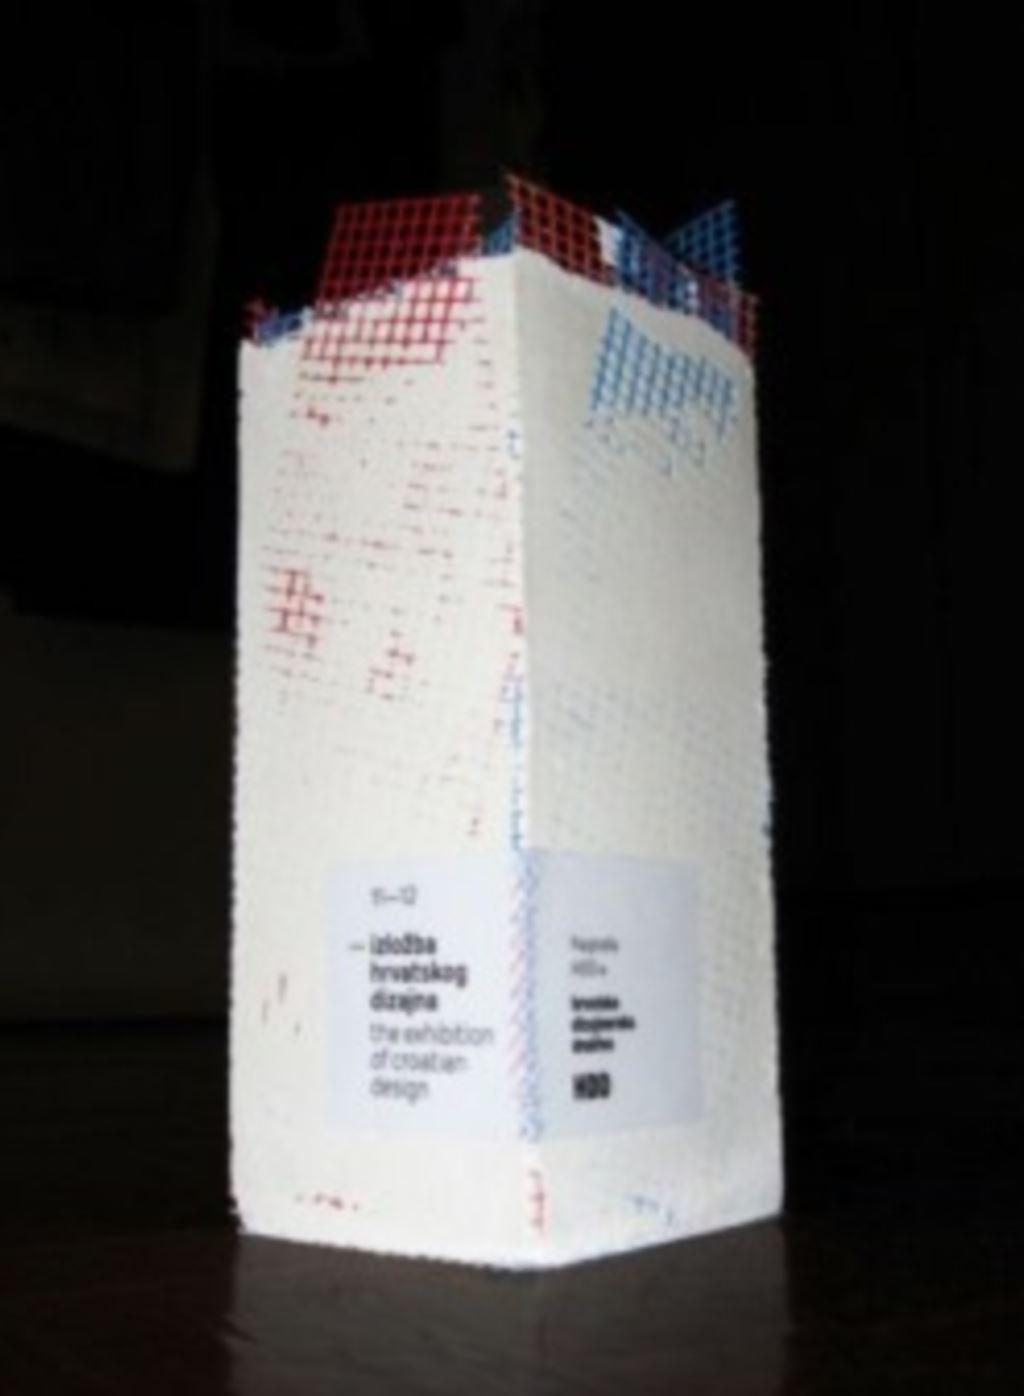 Stanar Tvornice ideja osvojio nagradu za dizajn